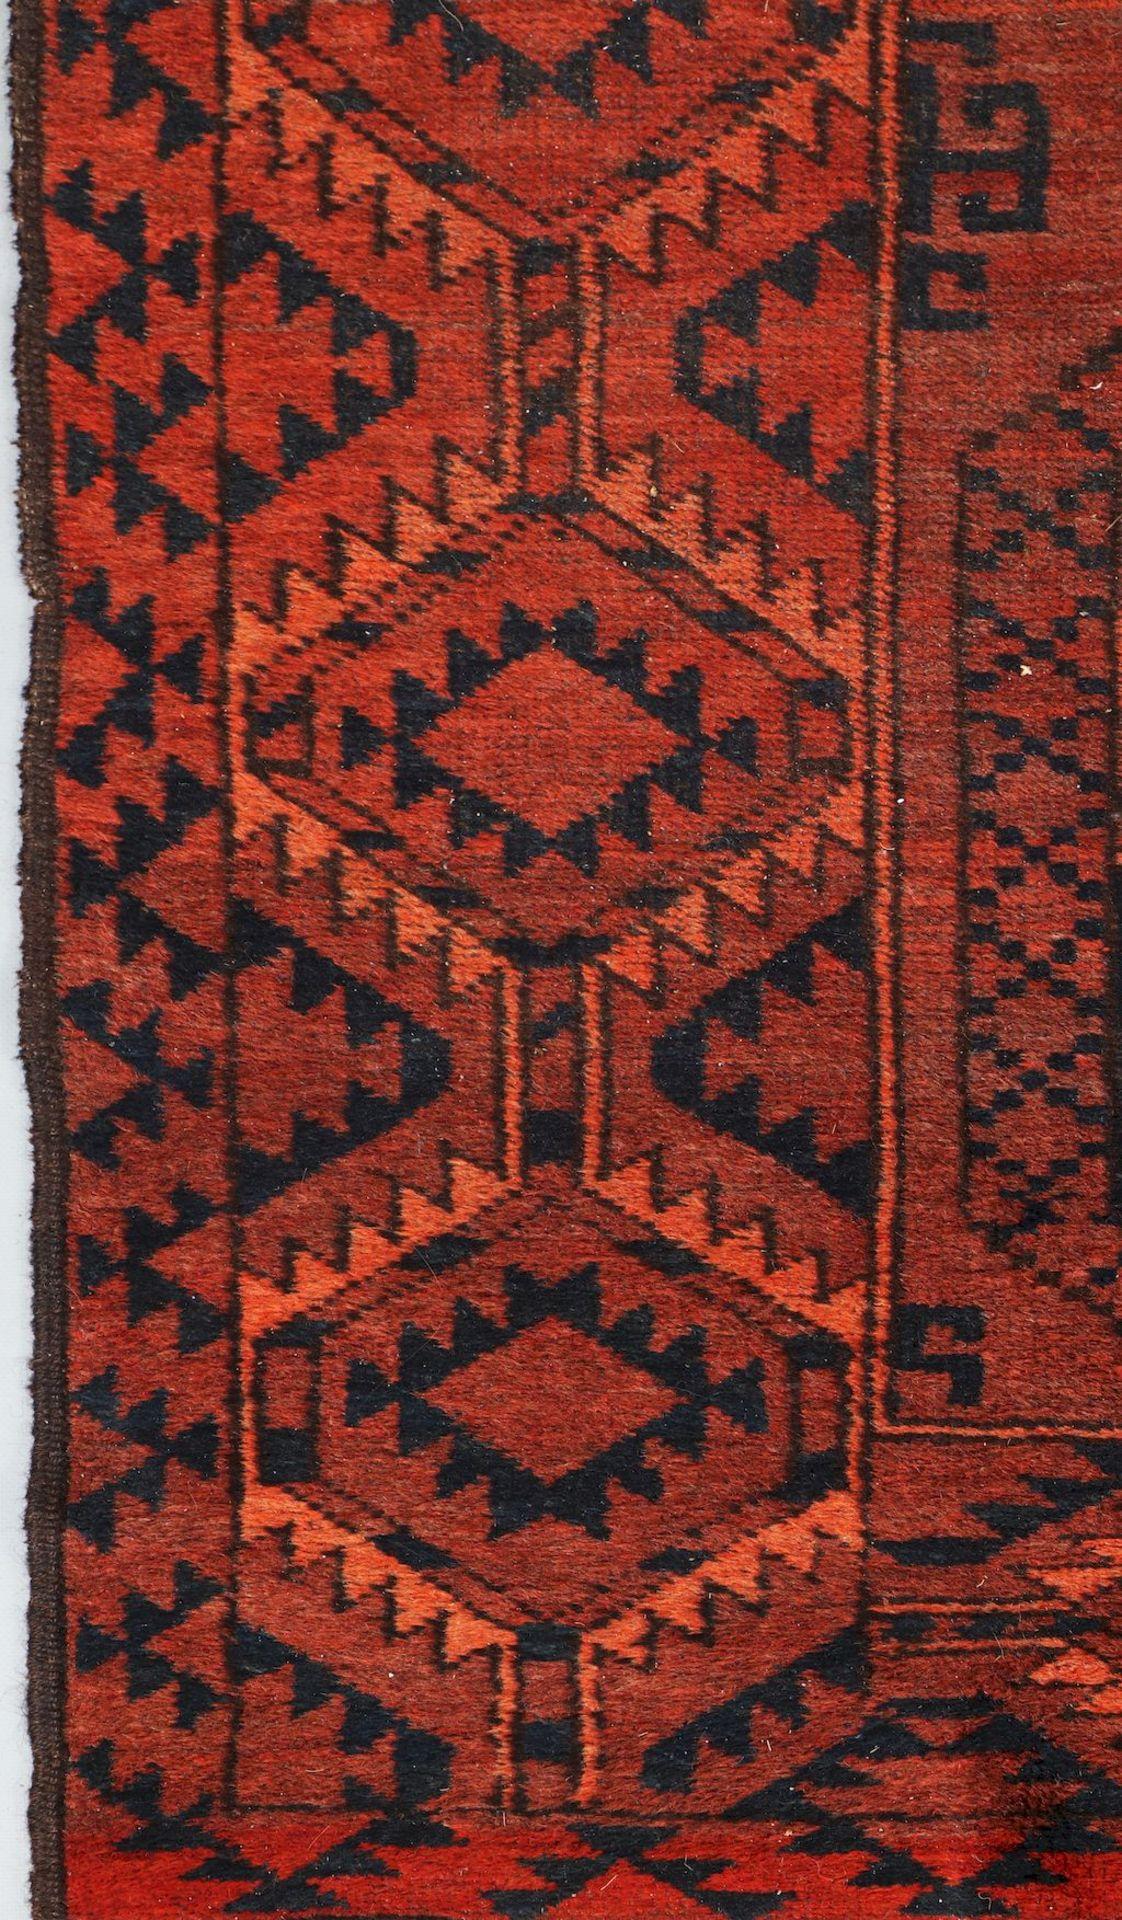 Teppich, Turkmenistan um 1920 - Image 2 of 2